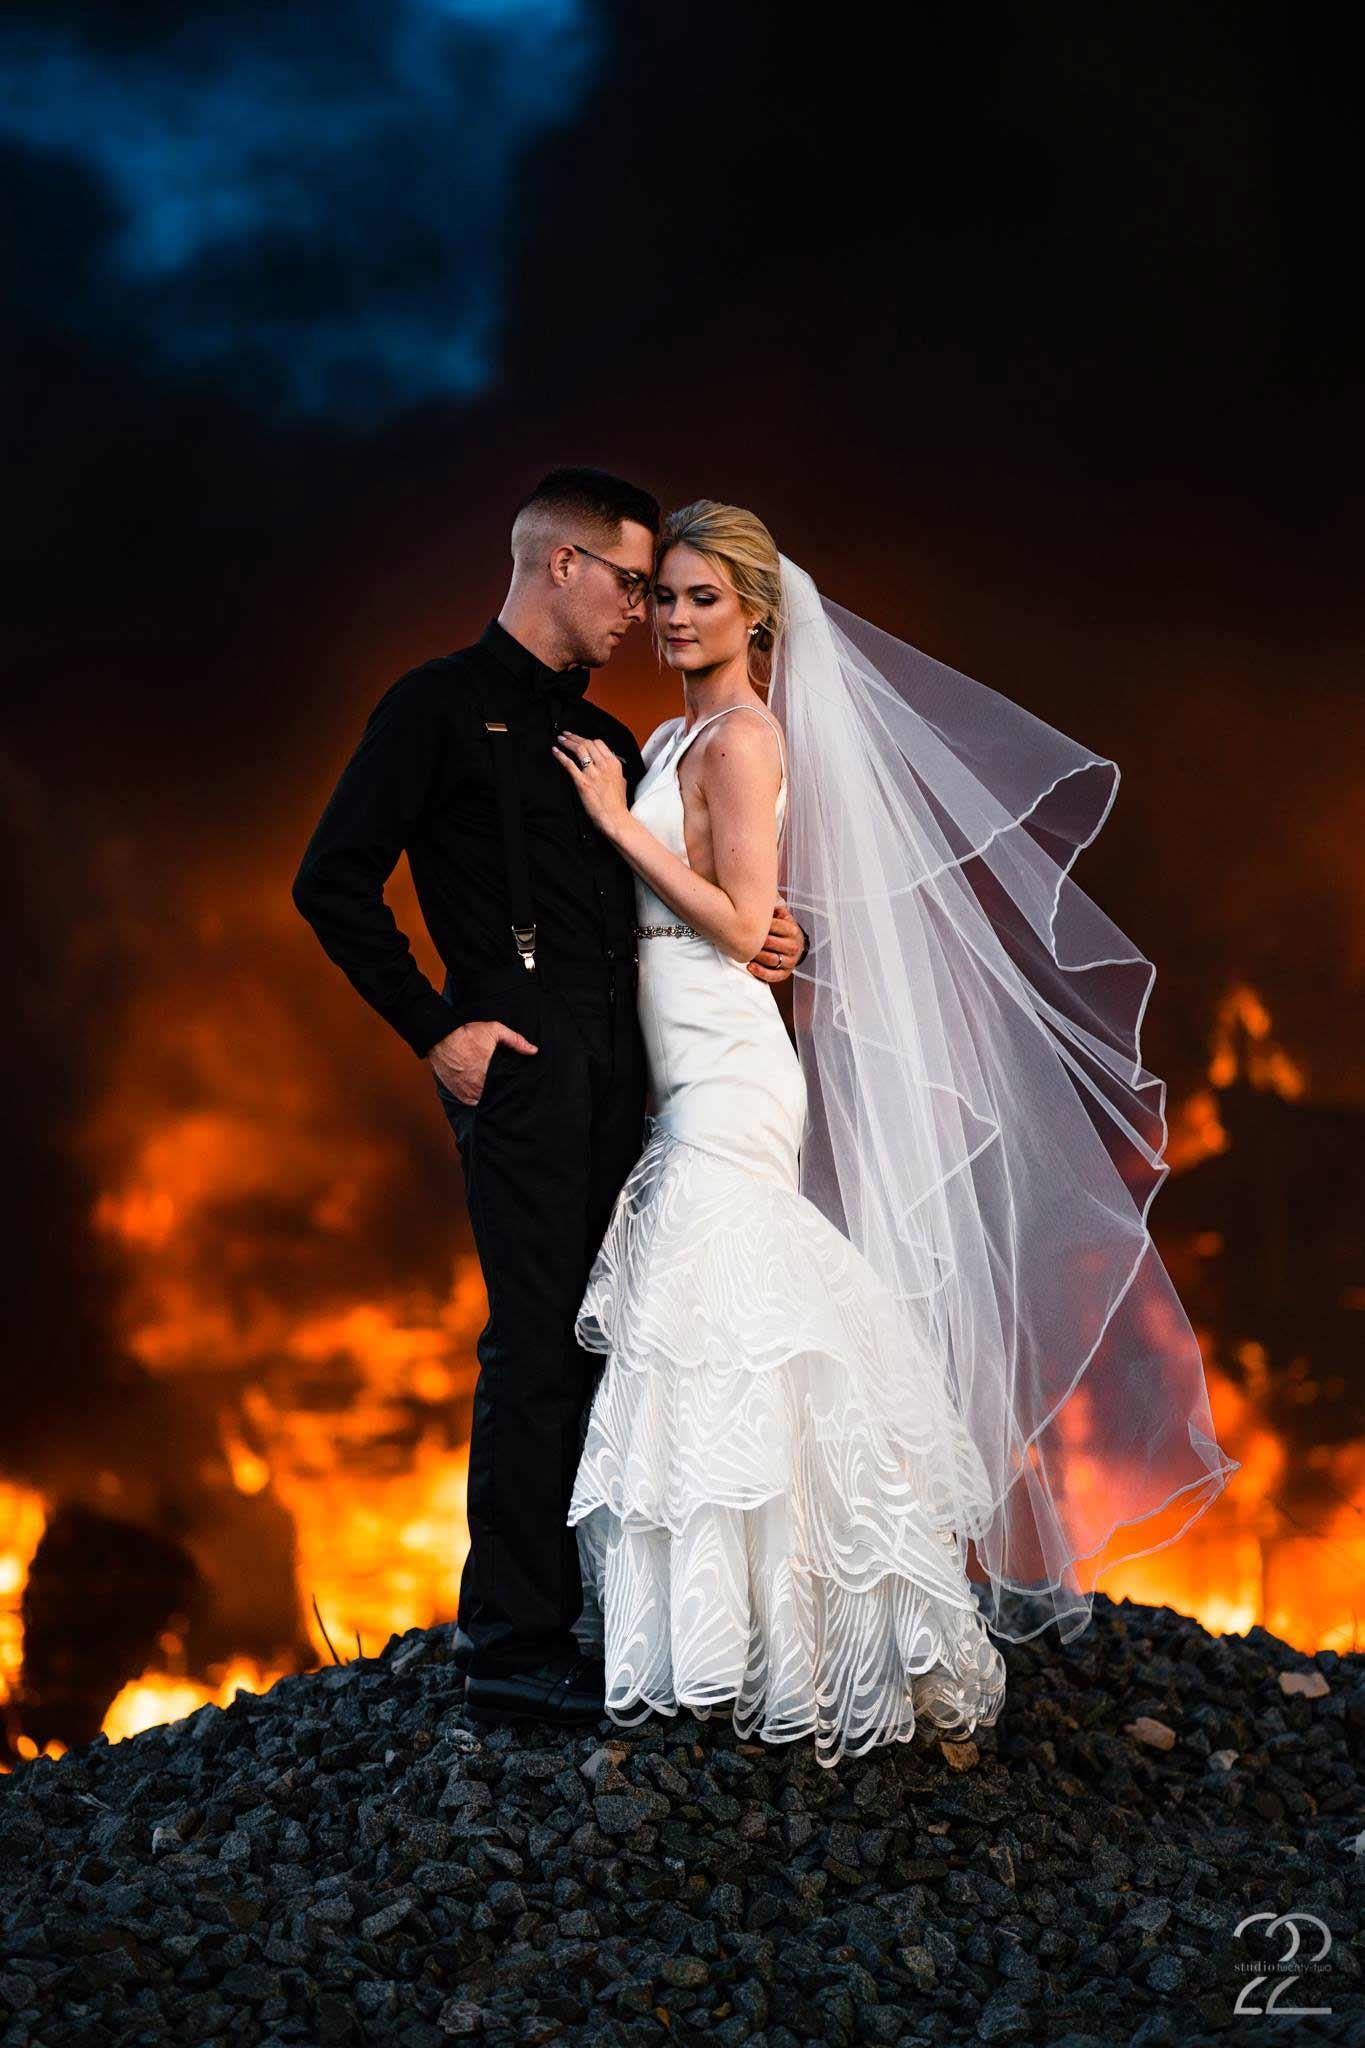 Gebäudebrand spontan für Hochzeitsfotoshooting genutzt Megan-Allen-studio22-photography_feuer-hochzeitsshooting_01